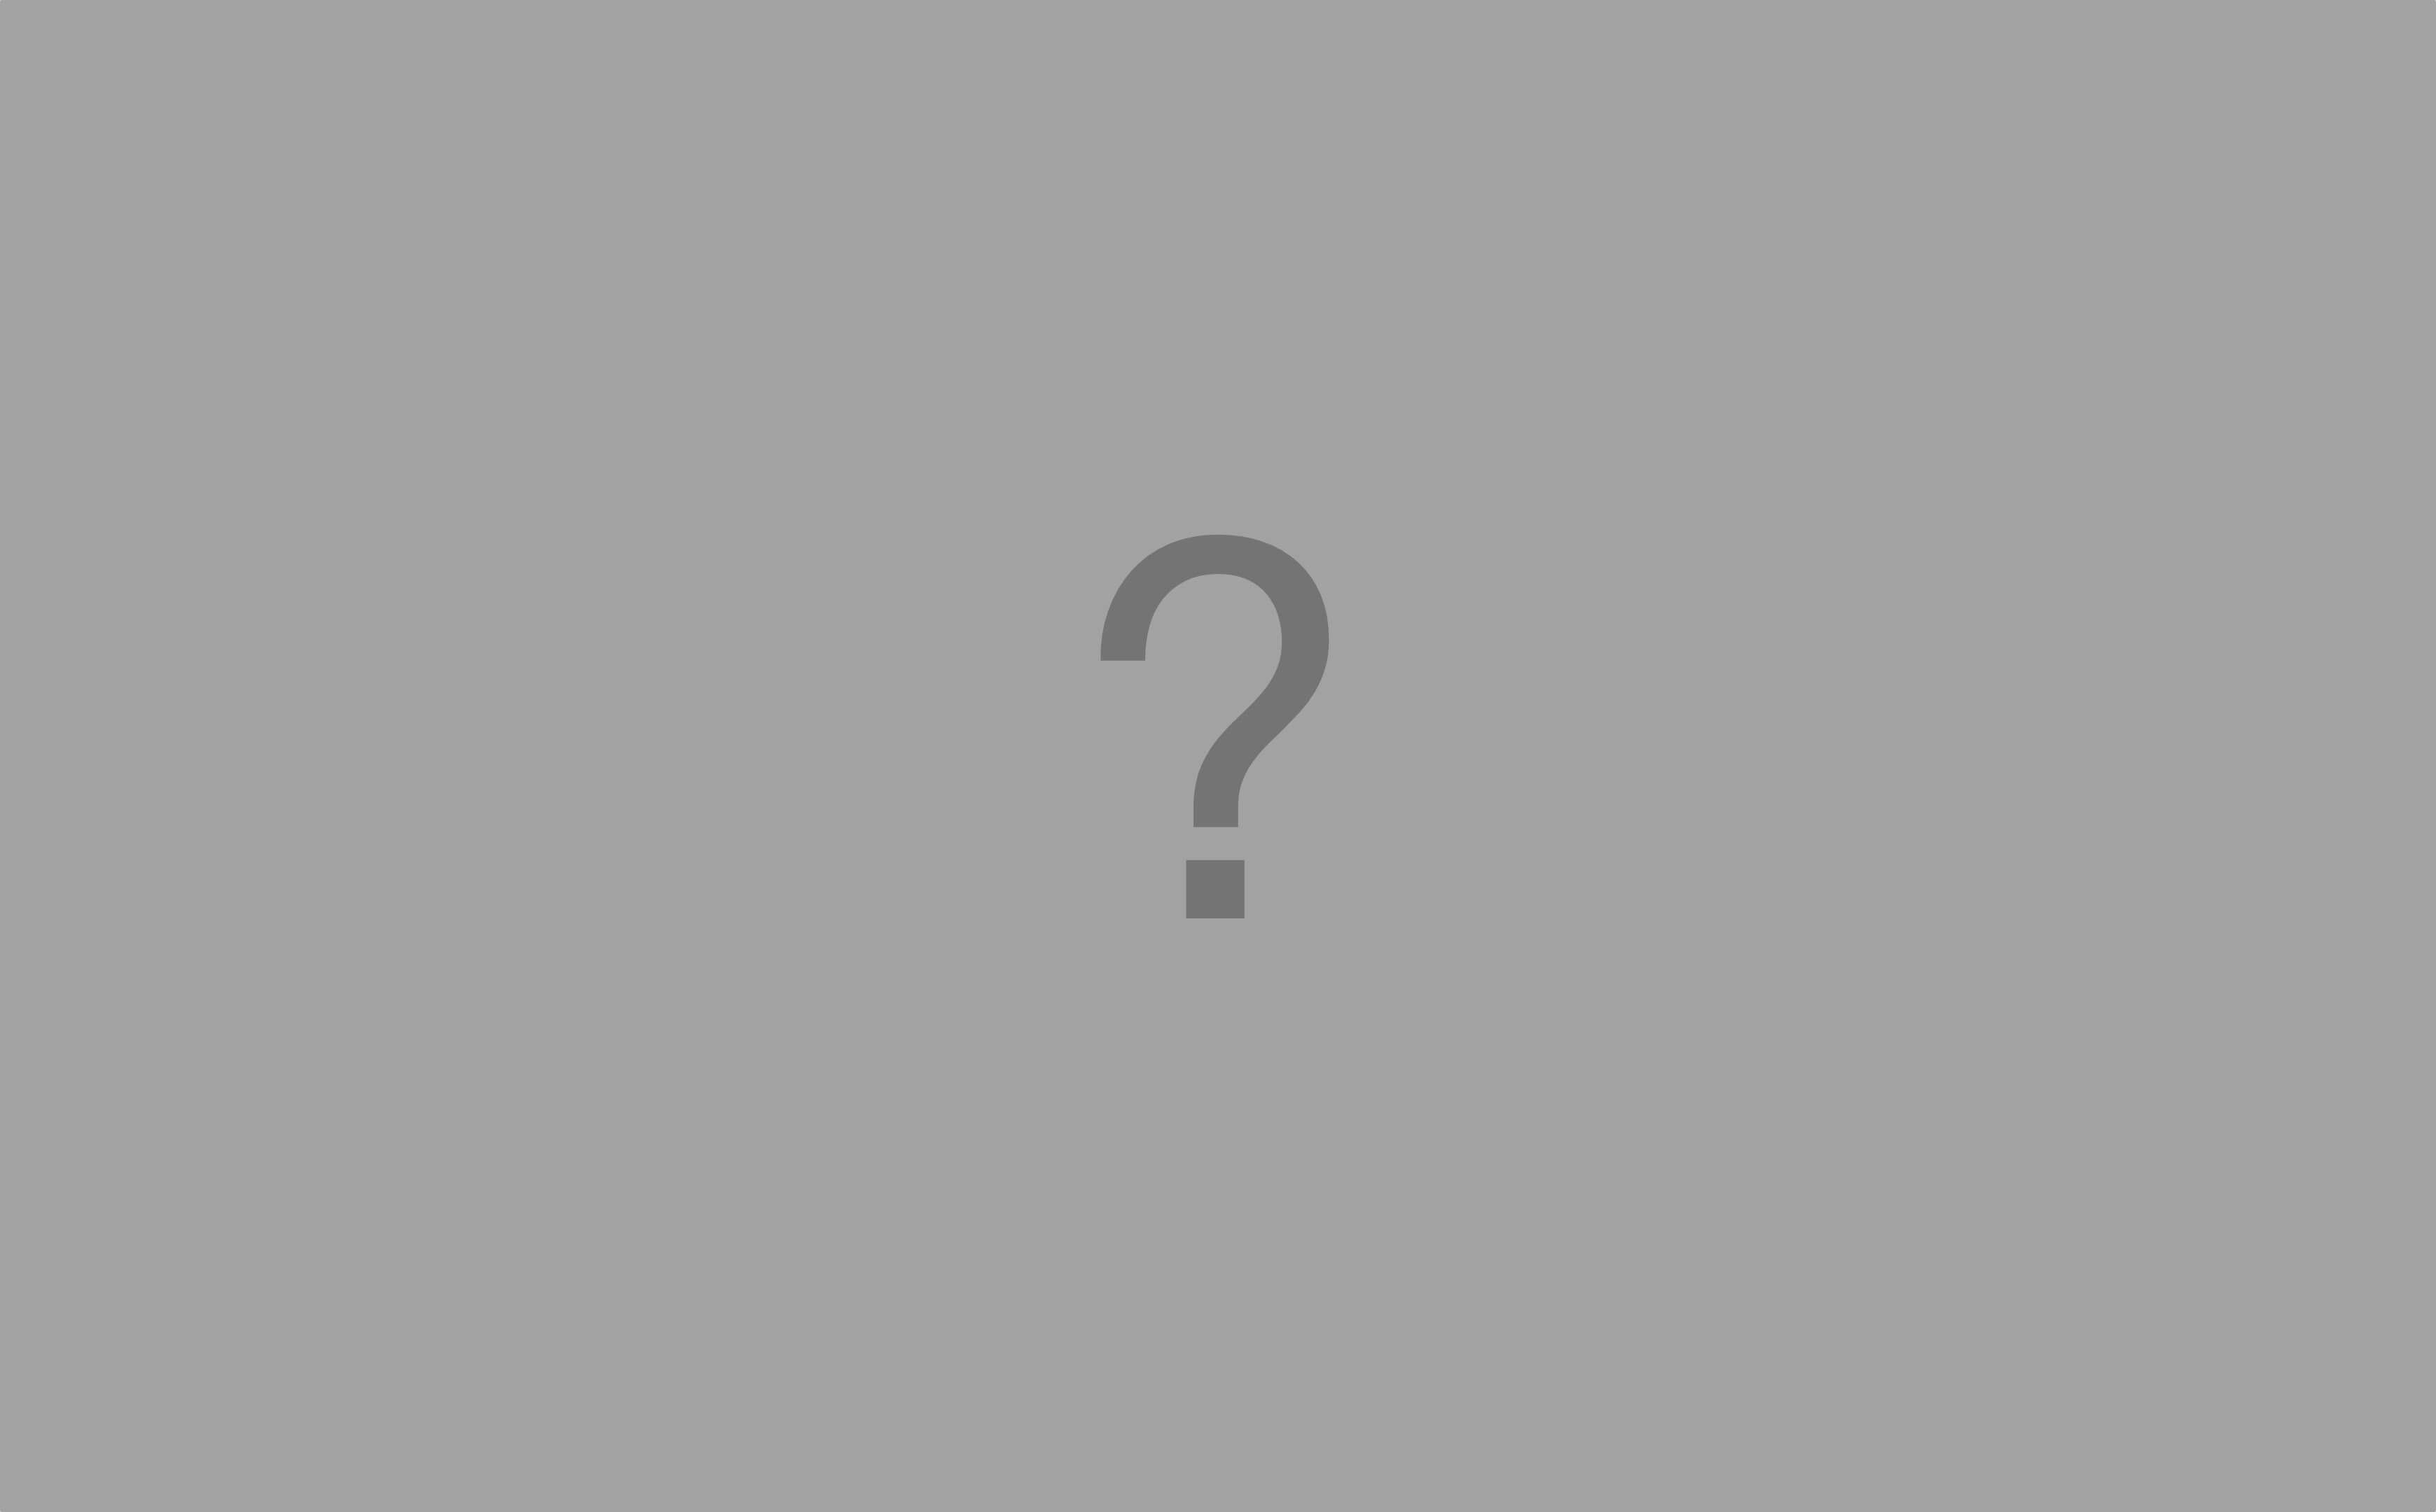 Kommt die Apple Watch Series 4 mit Face ID?